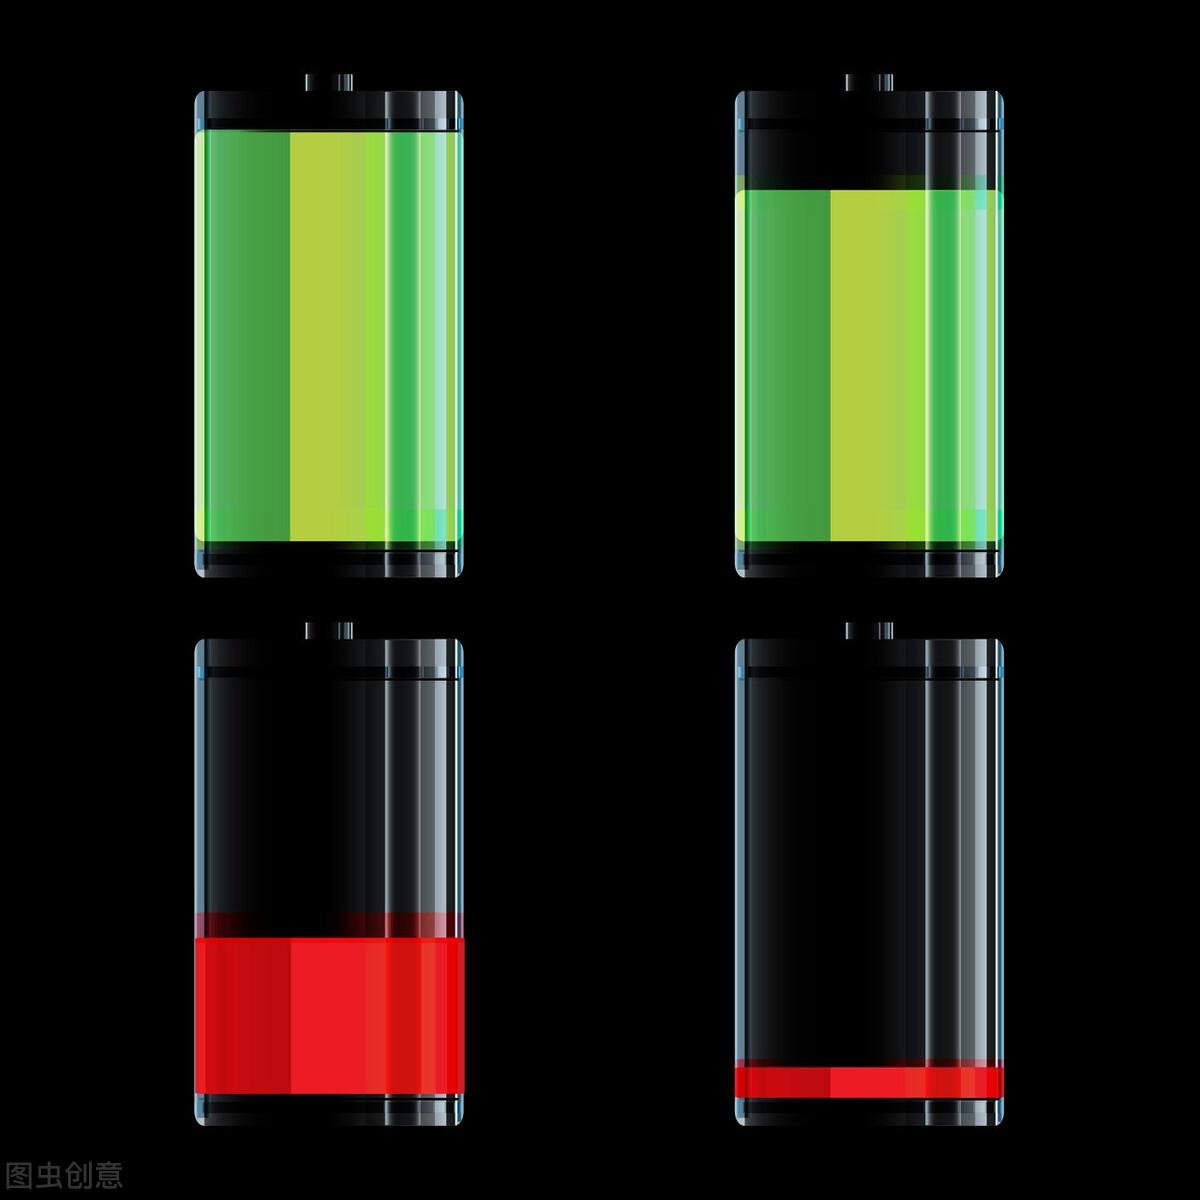 冬天如何对锂电池进行保养? 小熊讲锂电